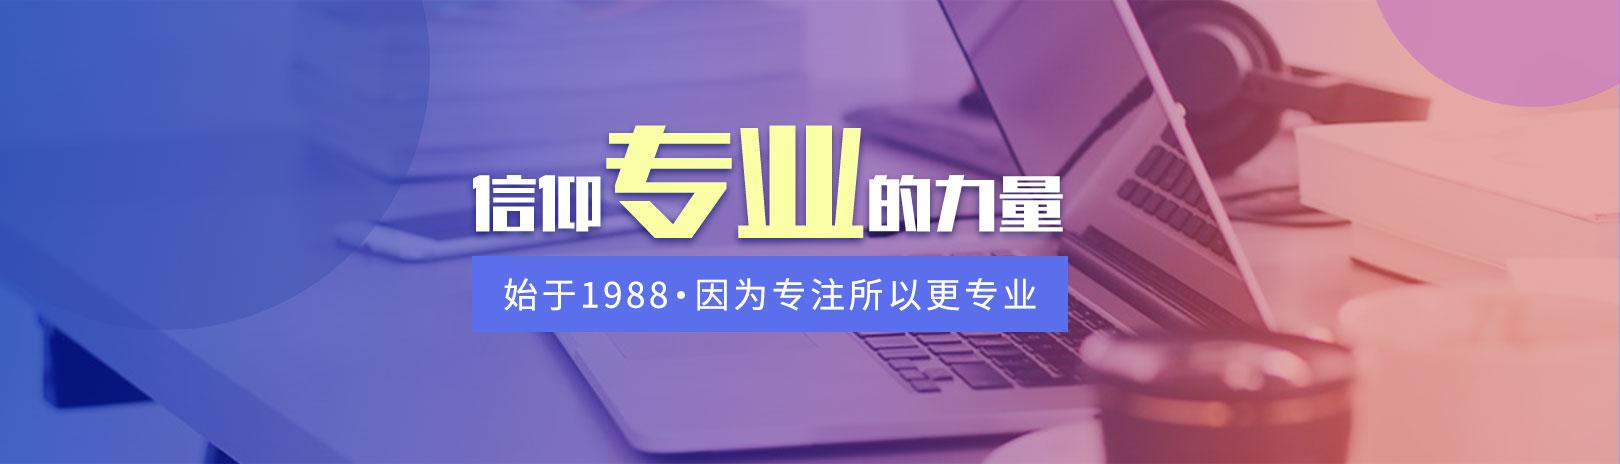 重庆新华电脑简介